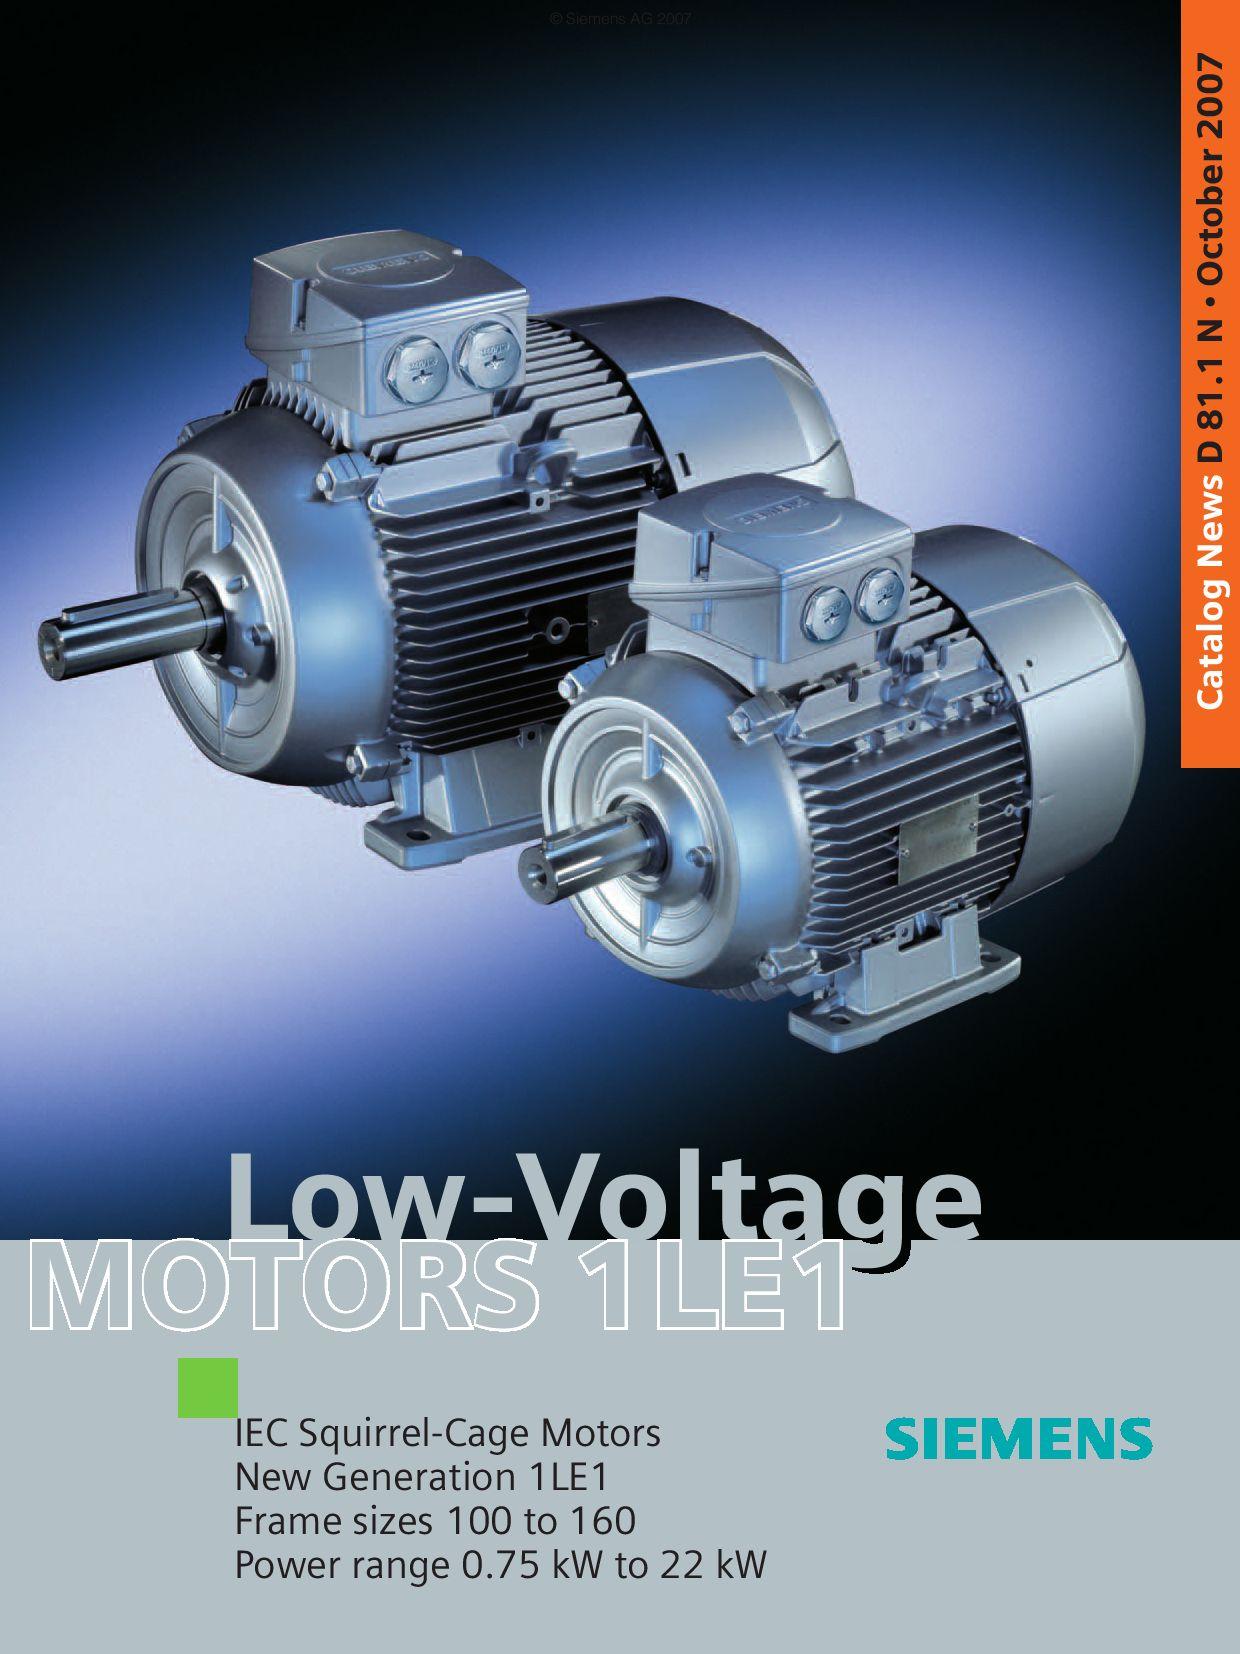 siemens1le1v2007 by siemens motors - issuu